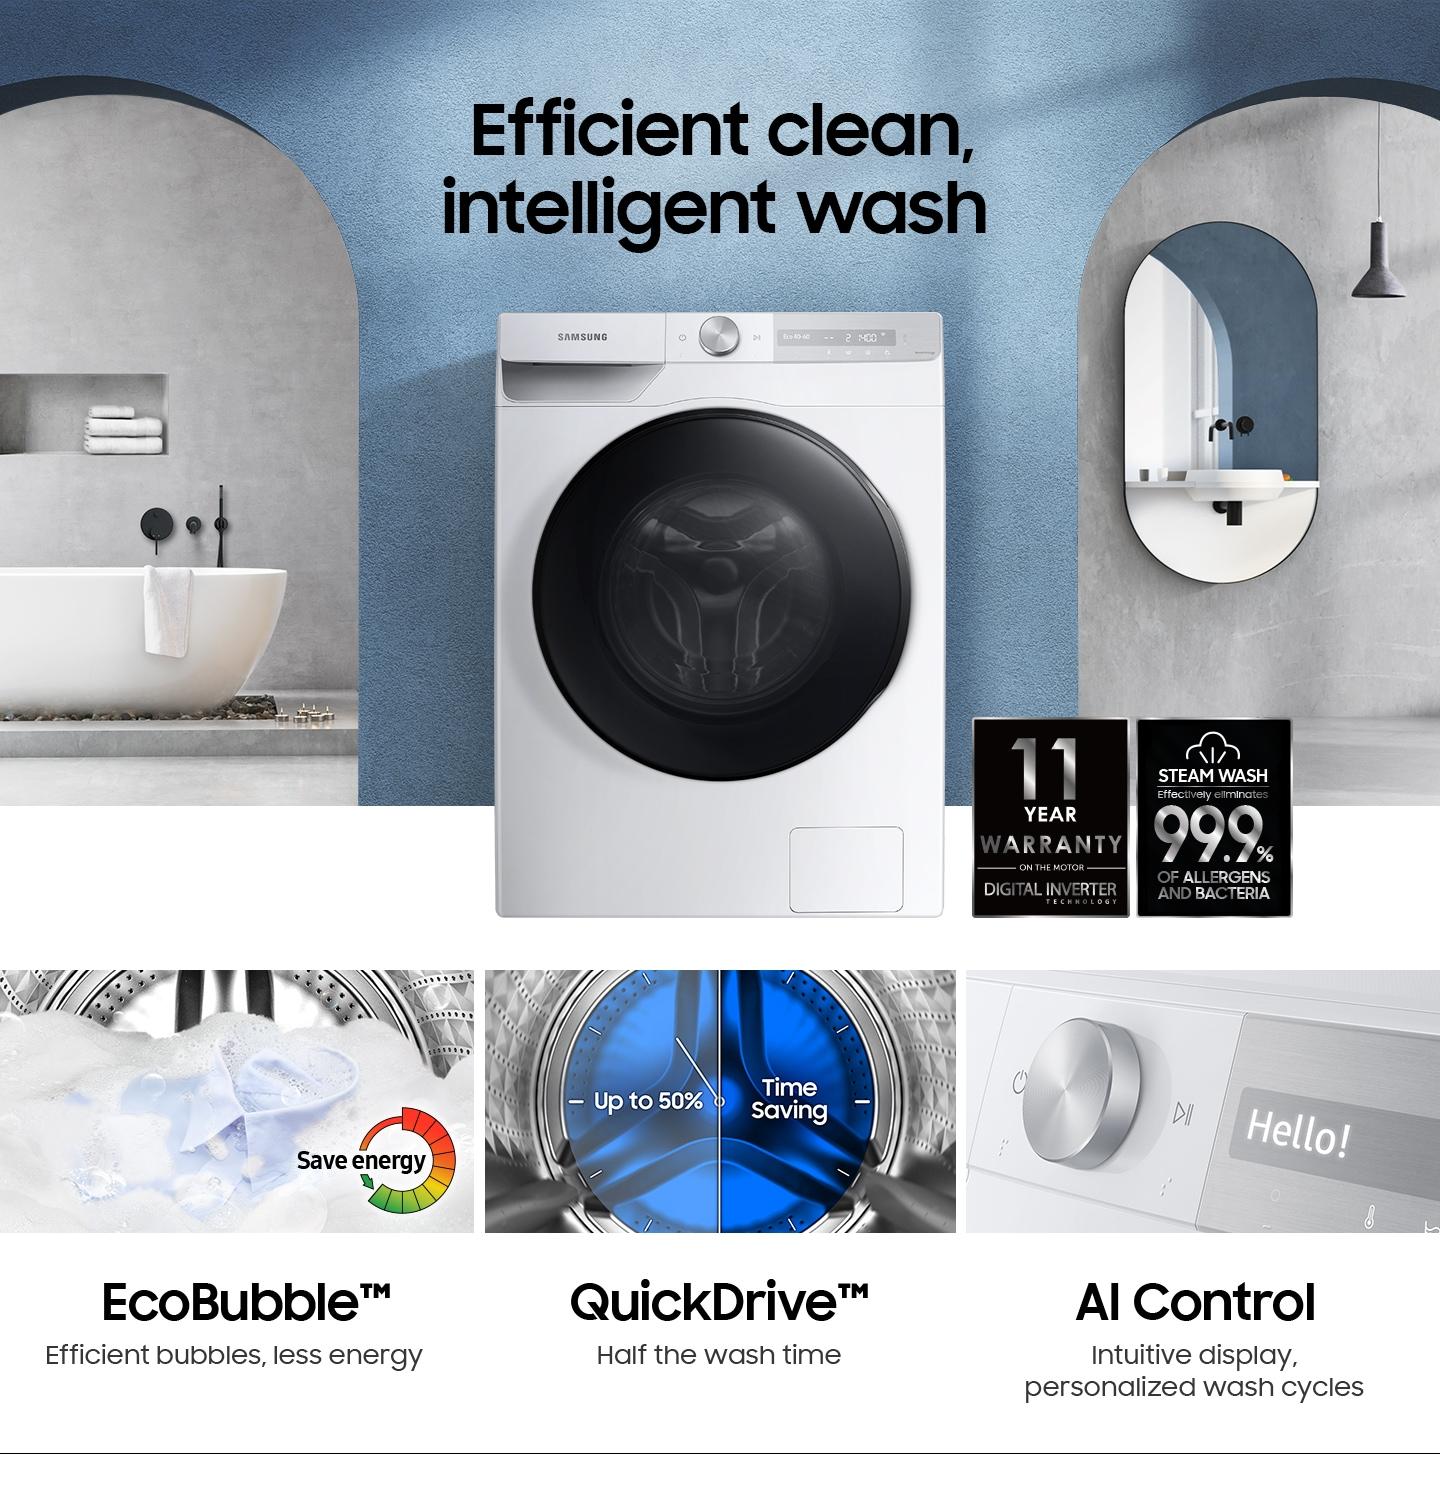 Efficient clean, intelligent wash.